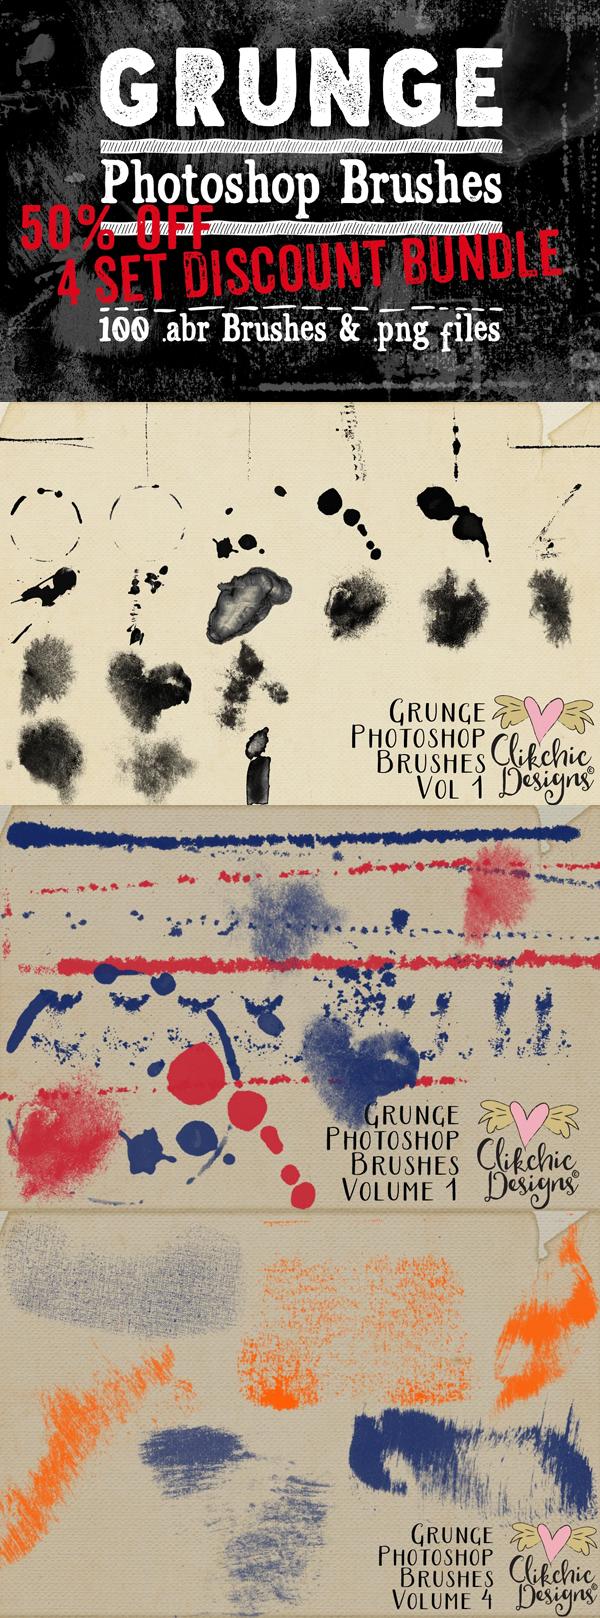 Grunge Texture Photoshop Brushes